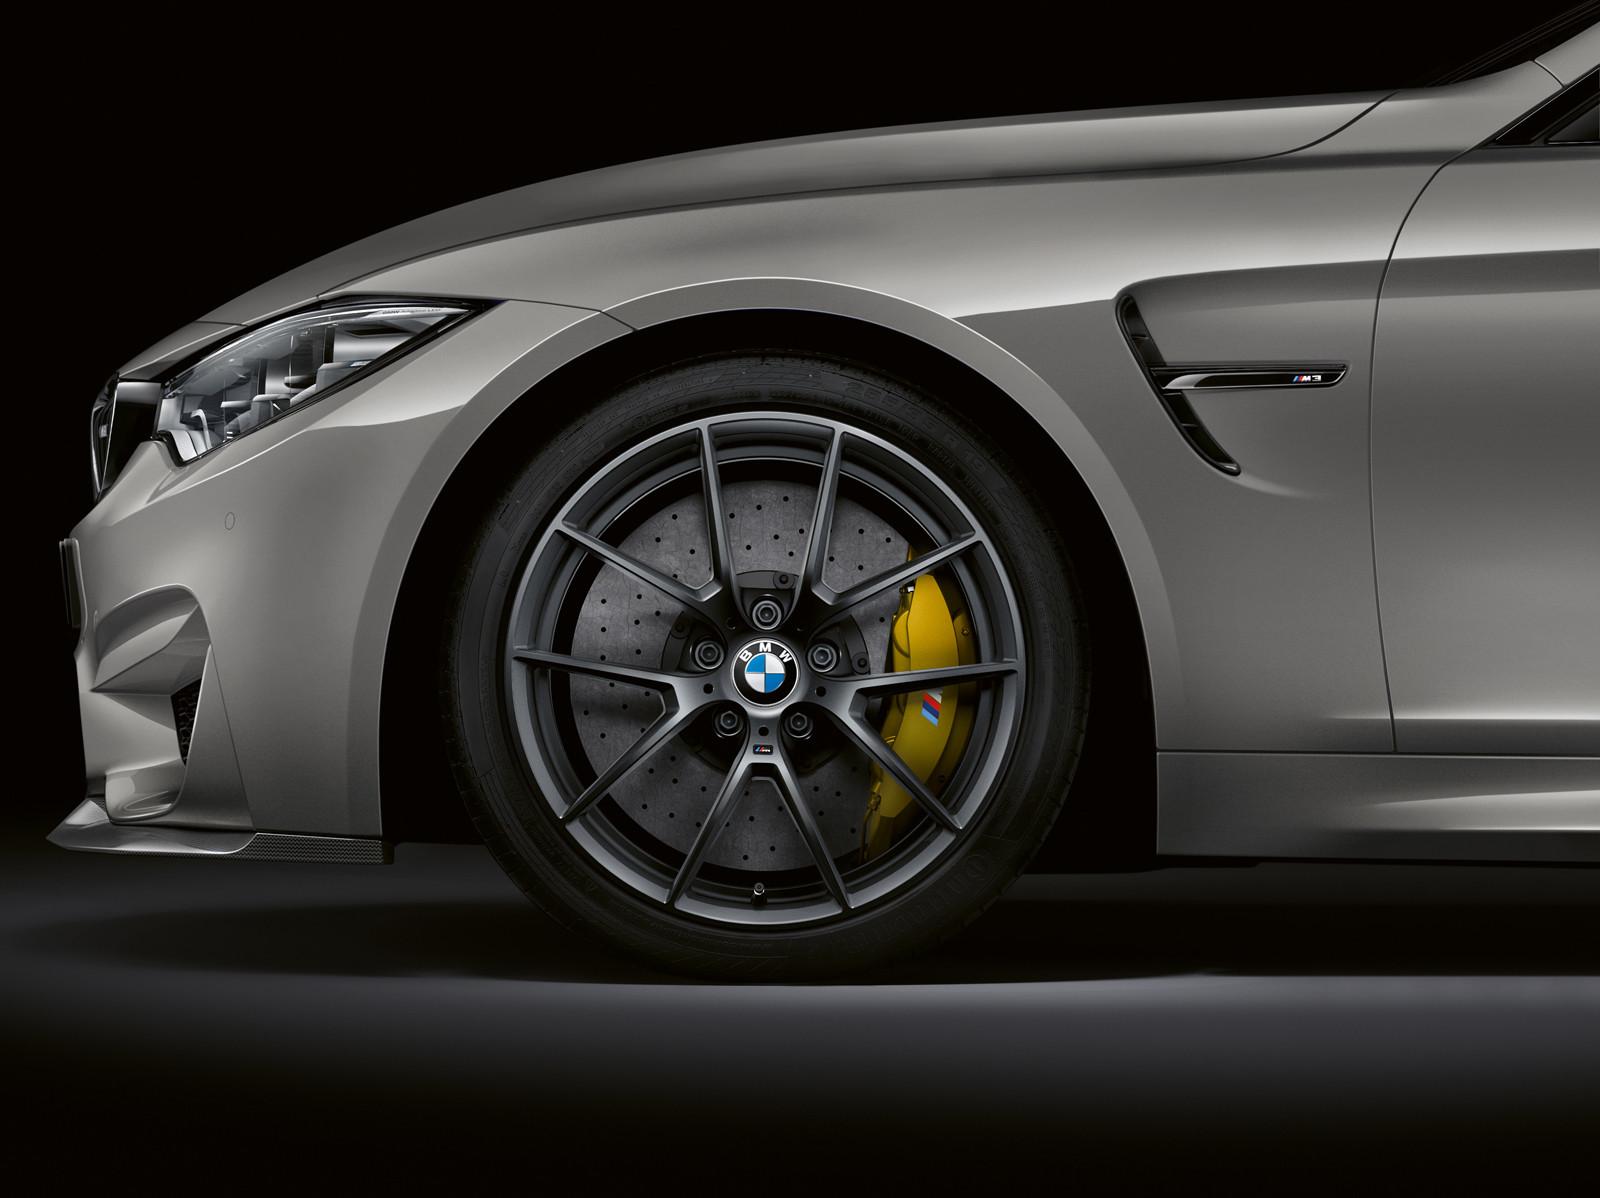 Se acaba la vida útil del BMW M3: ¿cambio de rumbo?